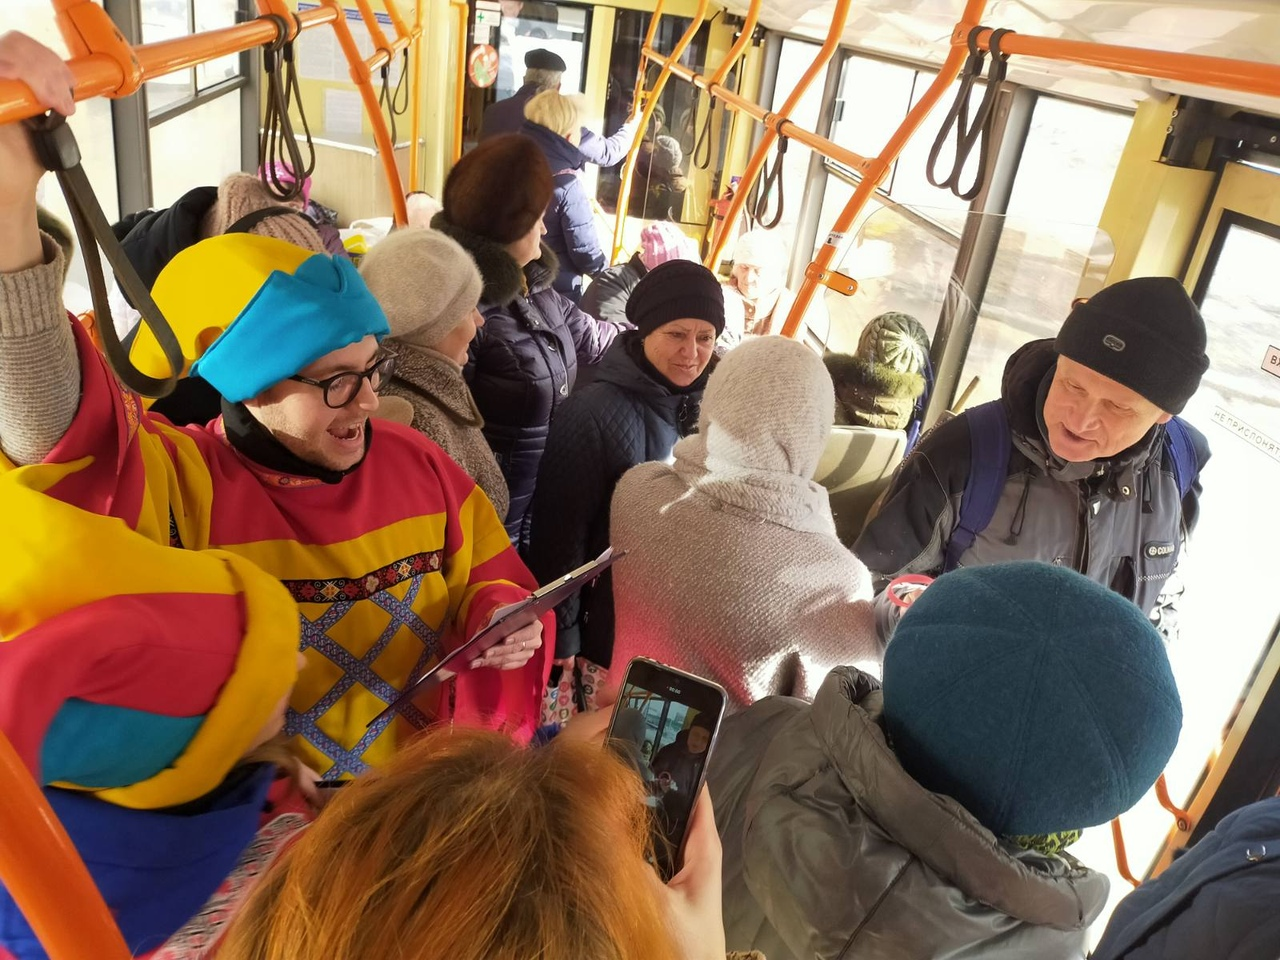 Названы маршруты автобусов, в которых тольяттинцев развлекут и подарят сувениры